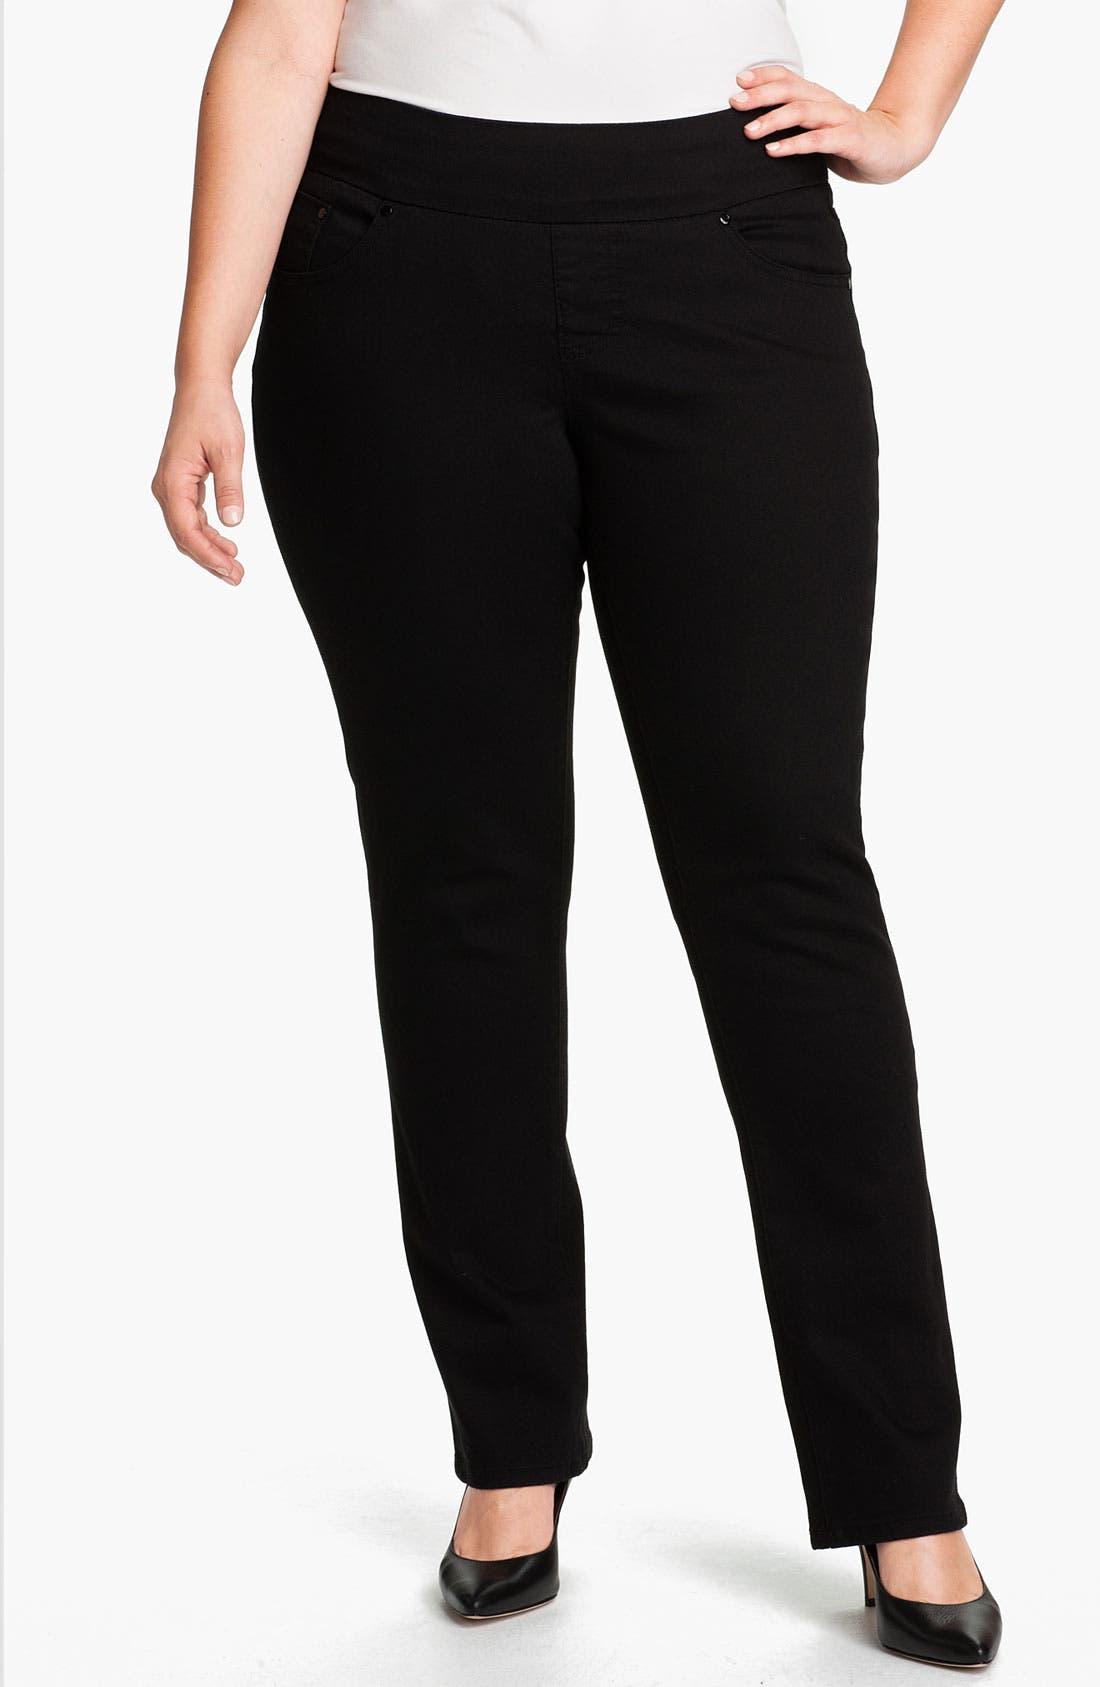 Main Image - Jag Jeans 'Tatum' Pull-On Straight Leg Jeans (Plus)